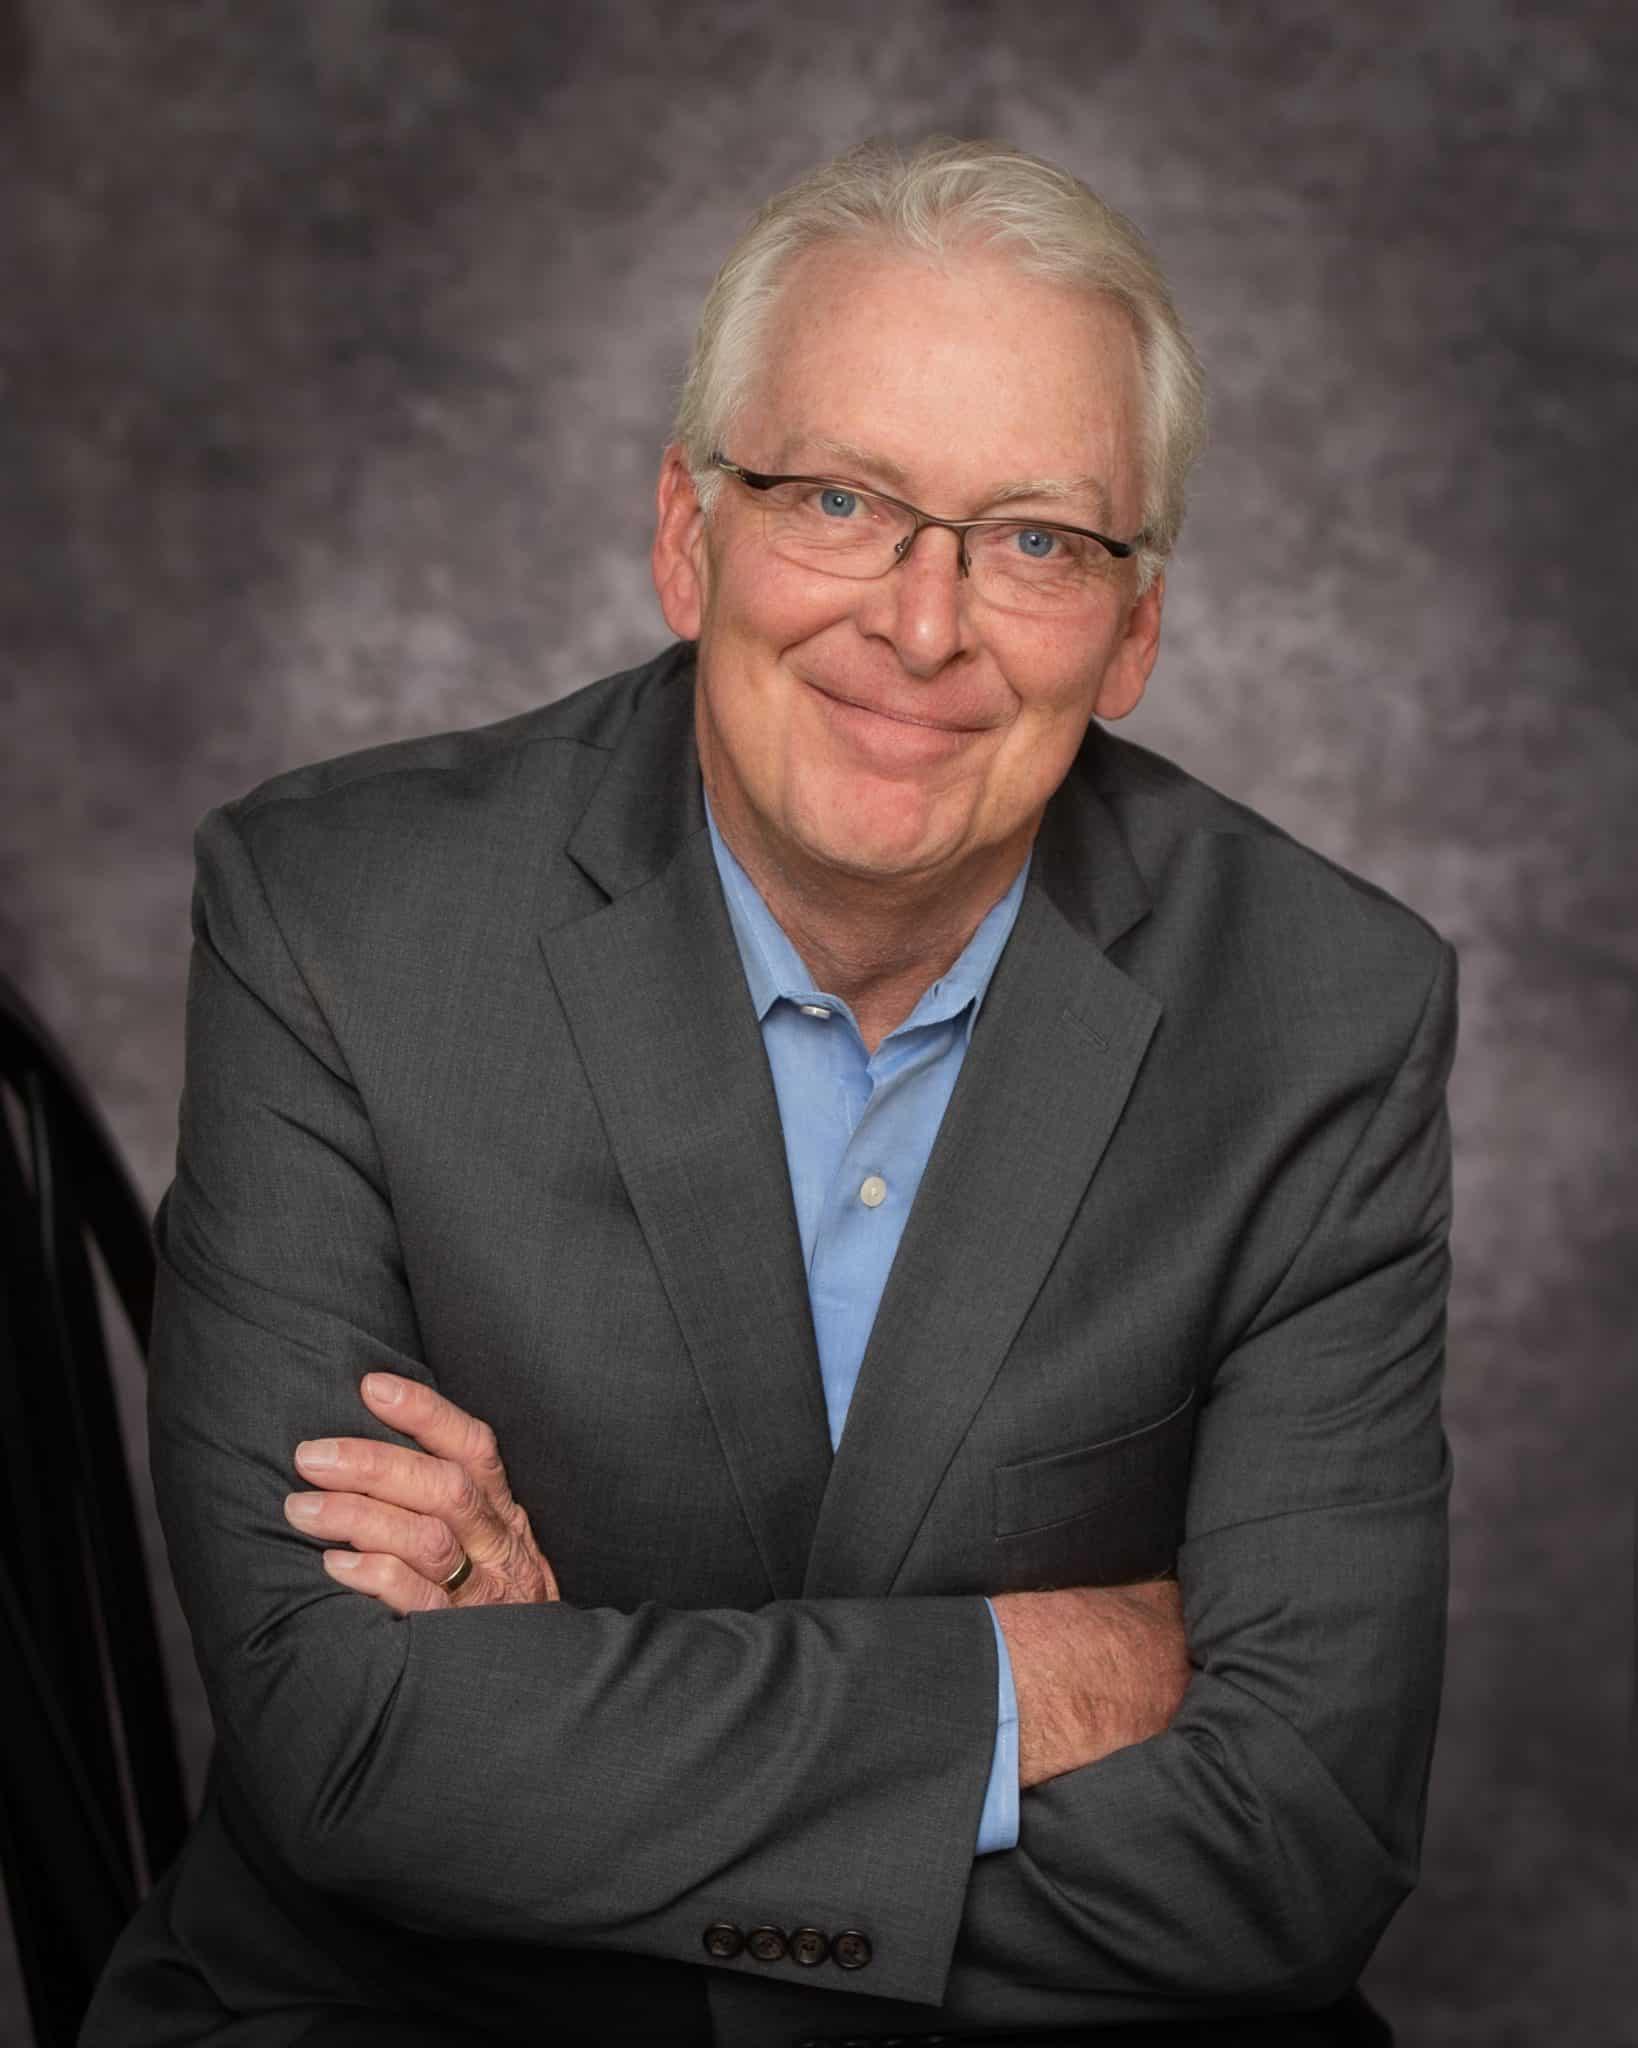 Kurt Scott